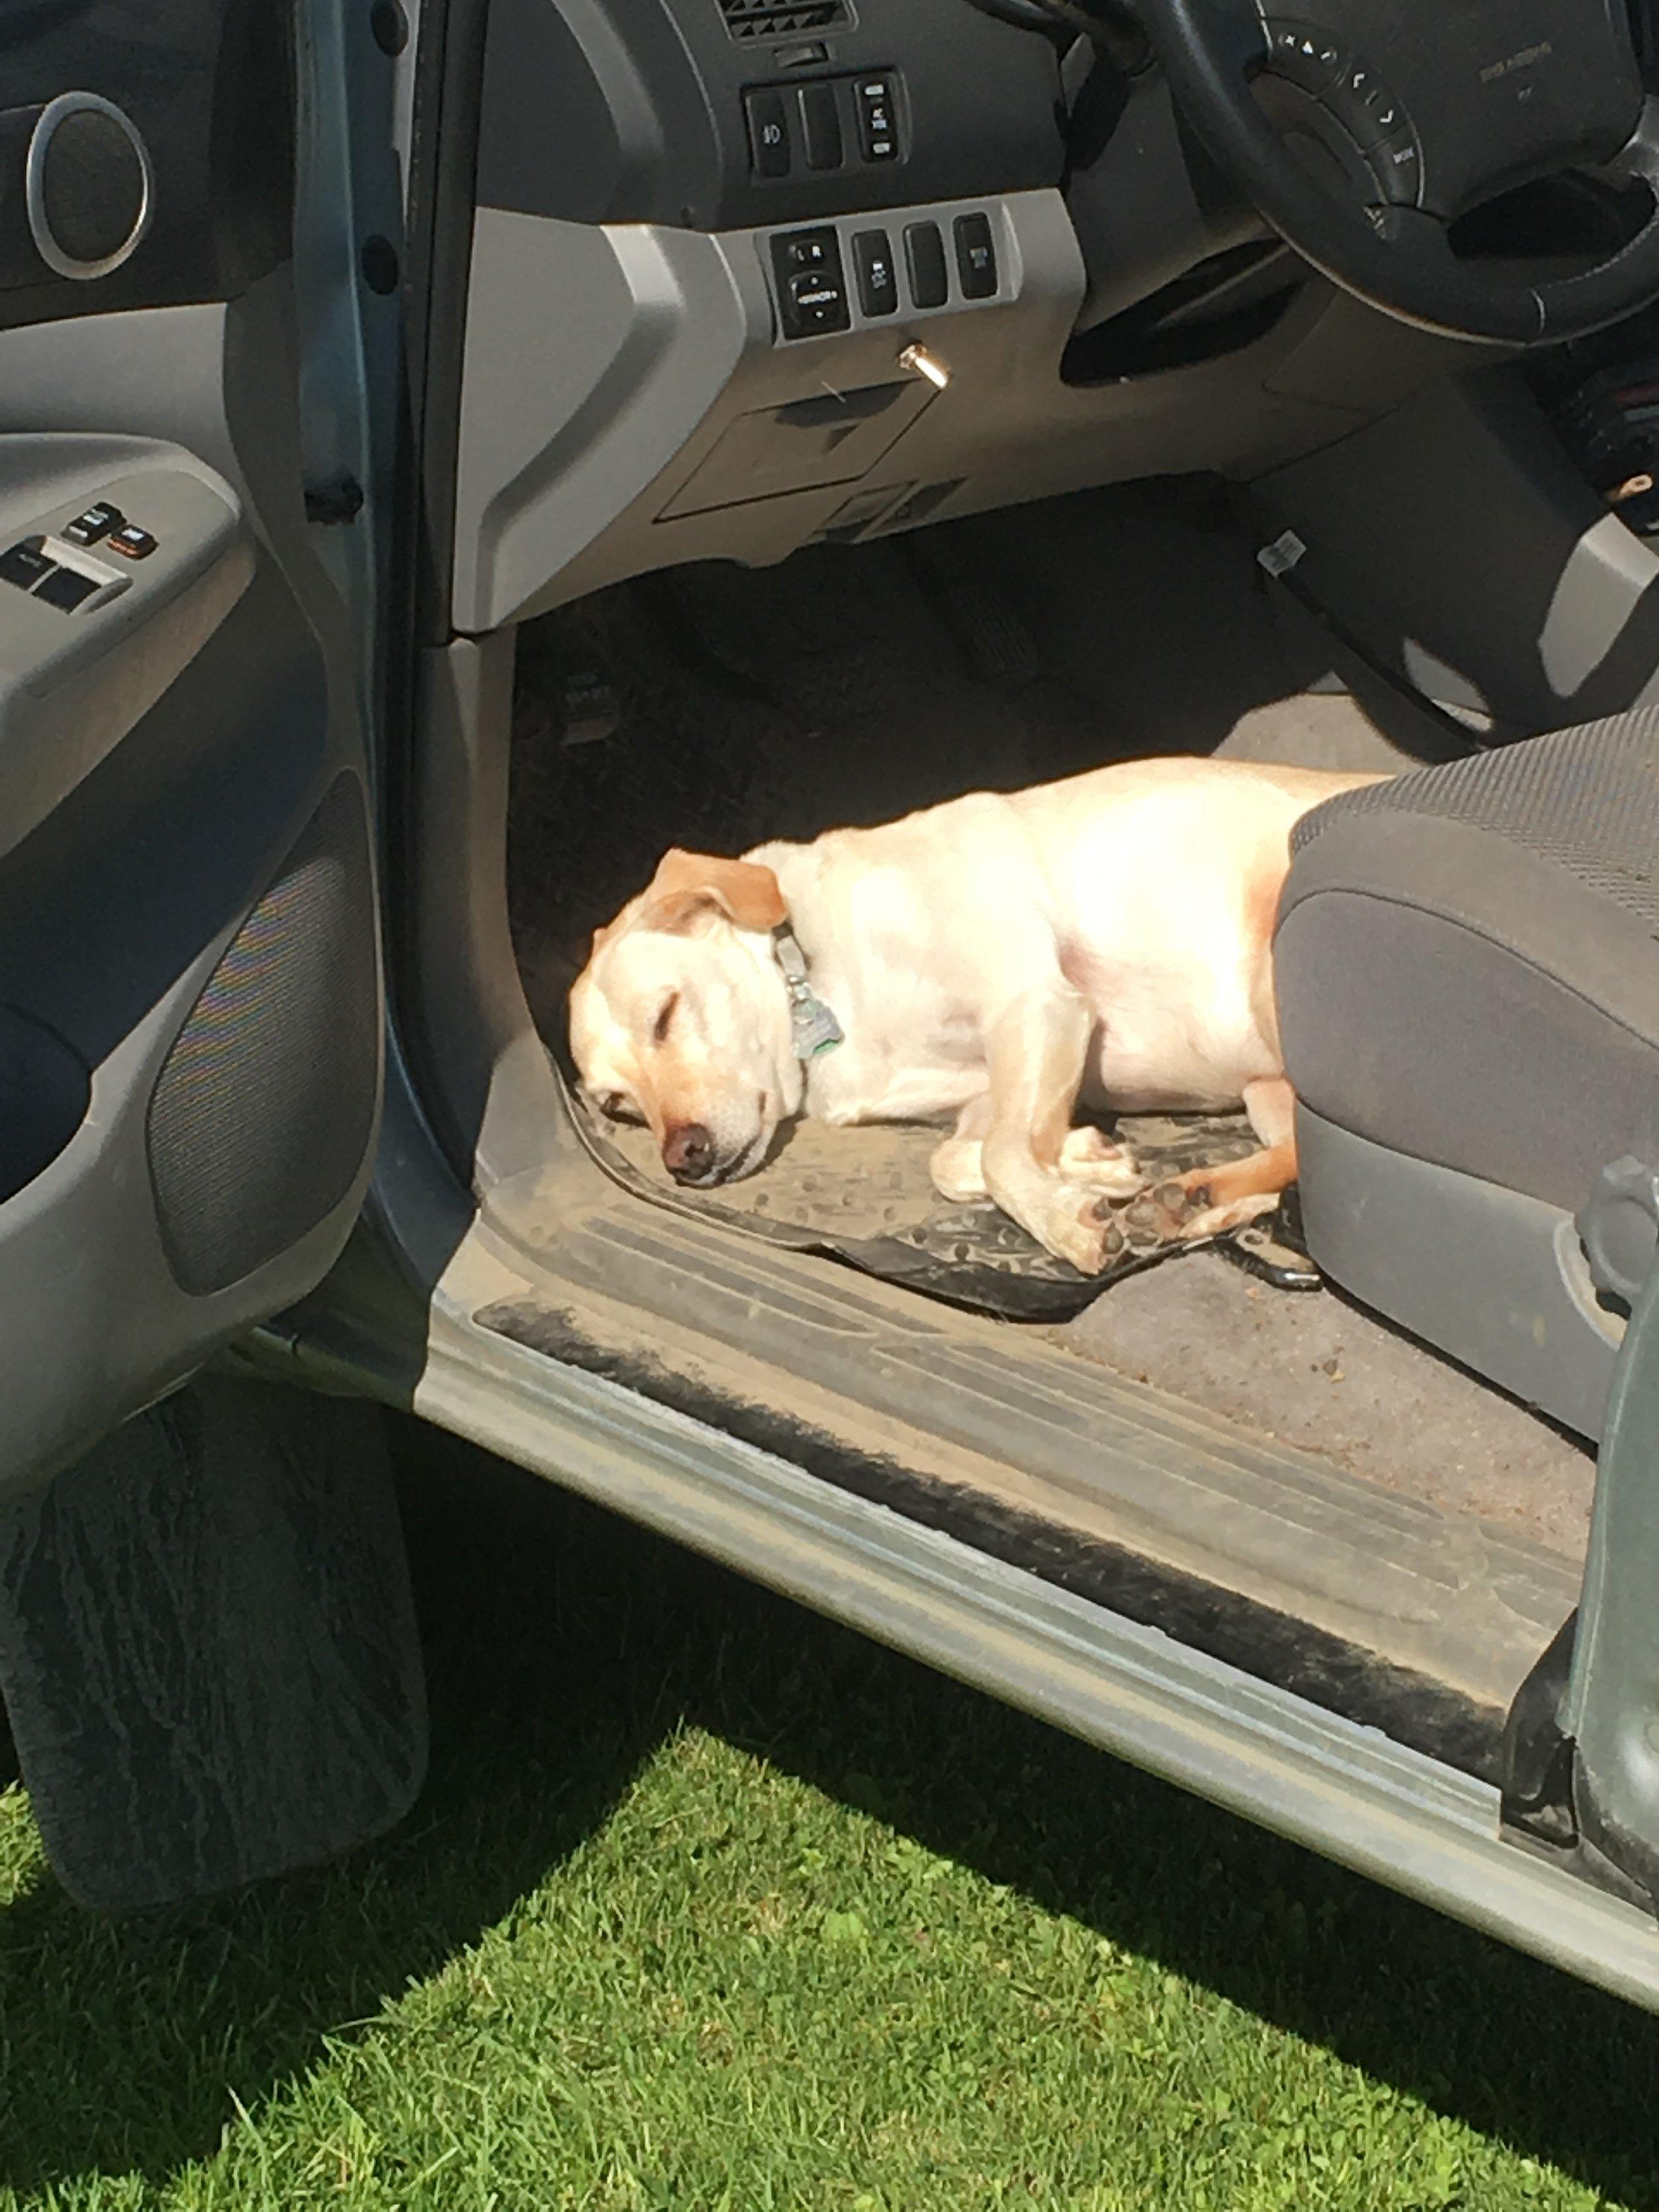 Work pup taking a break!